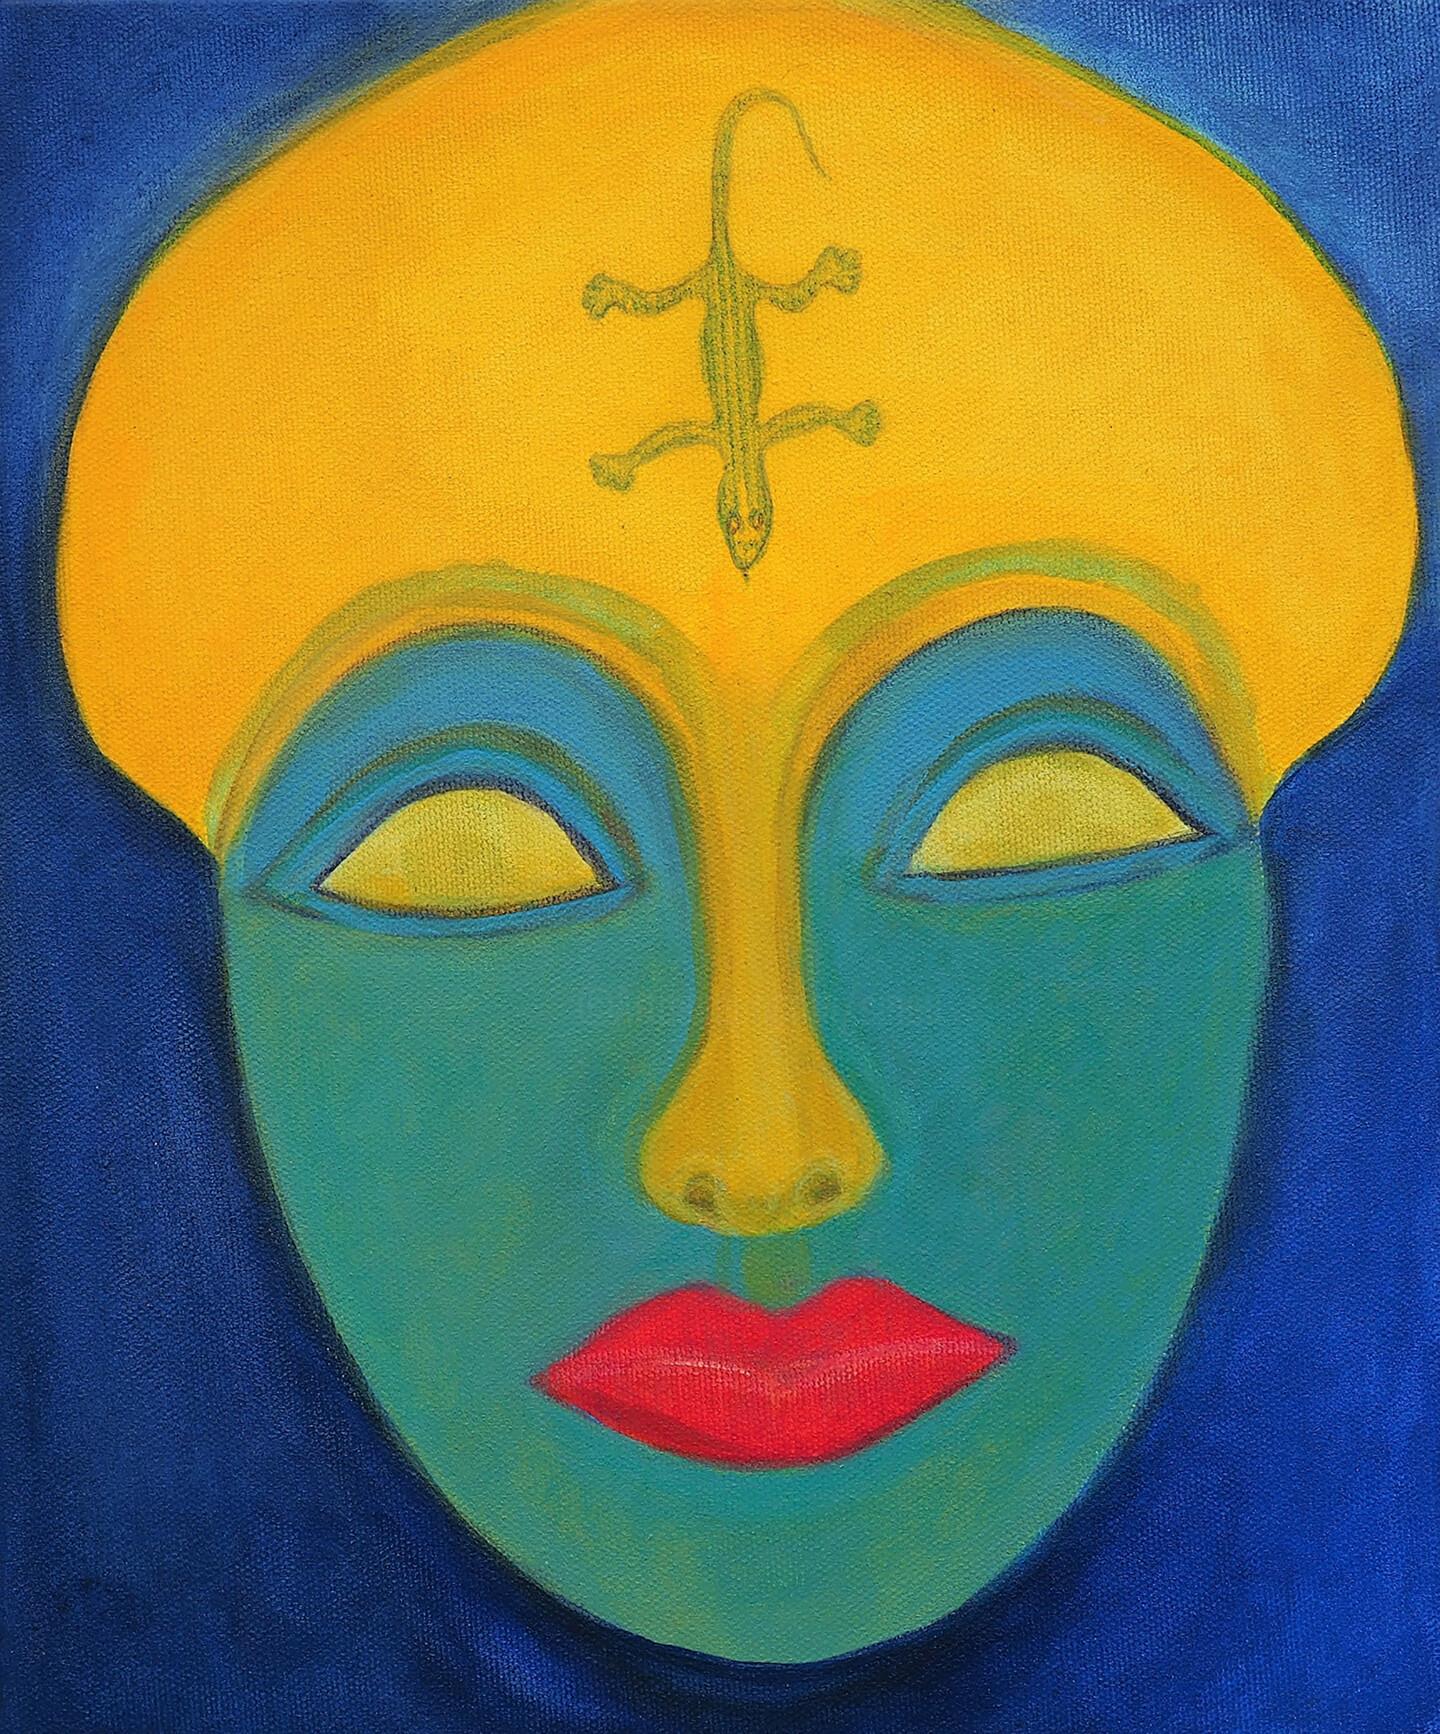 Sigrun Neumann (Sineu) - pharaonische Impressionen 1-6 (No. 2)